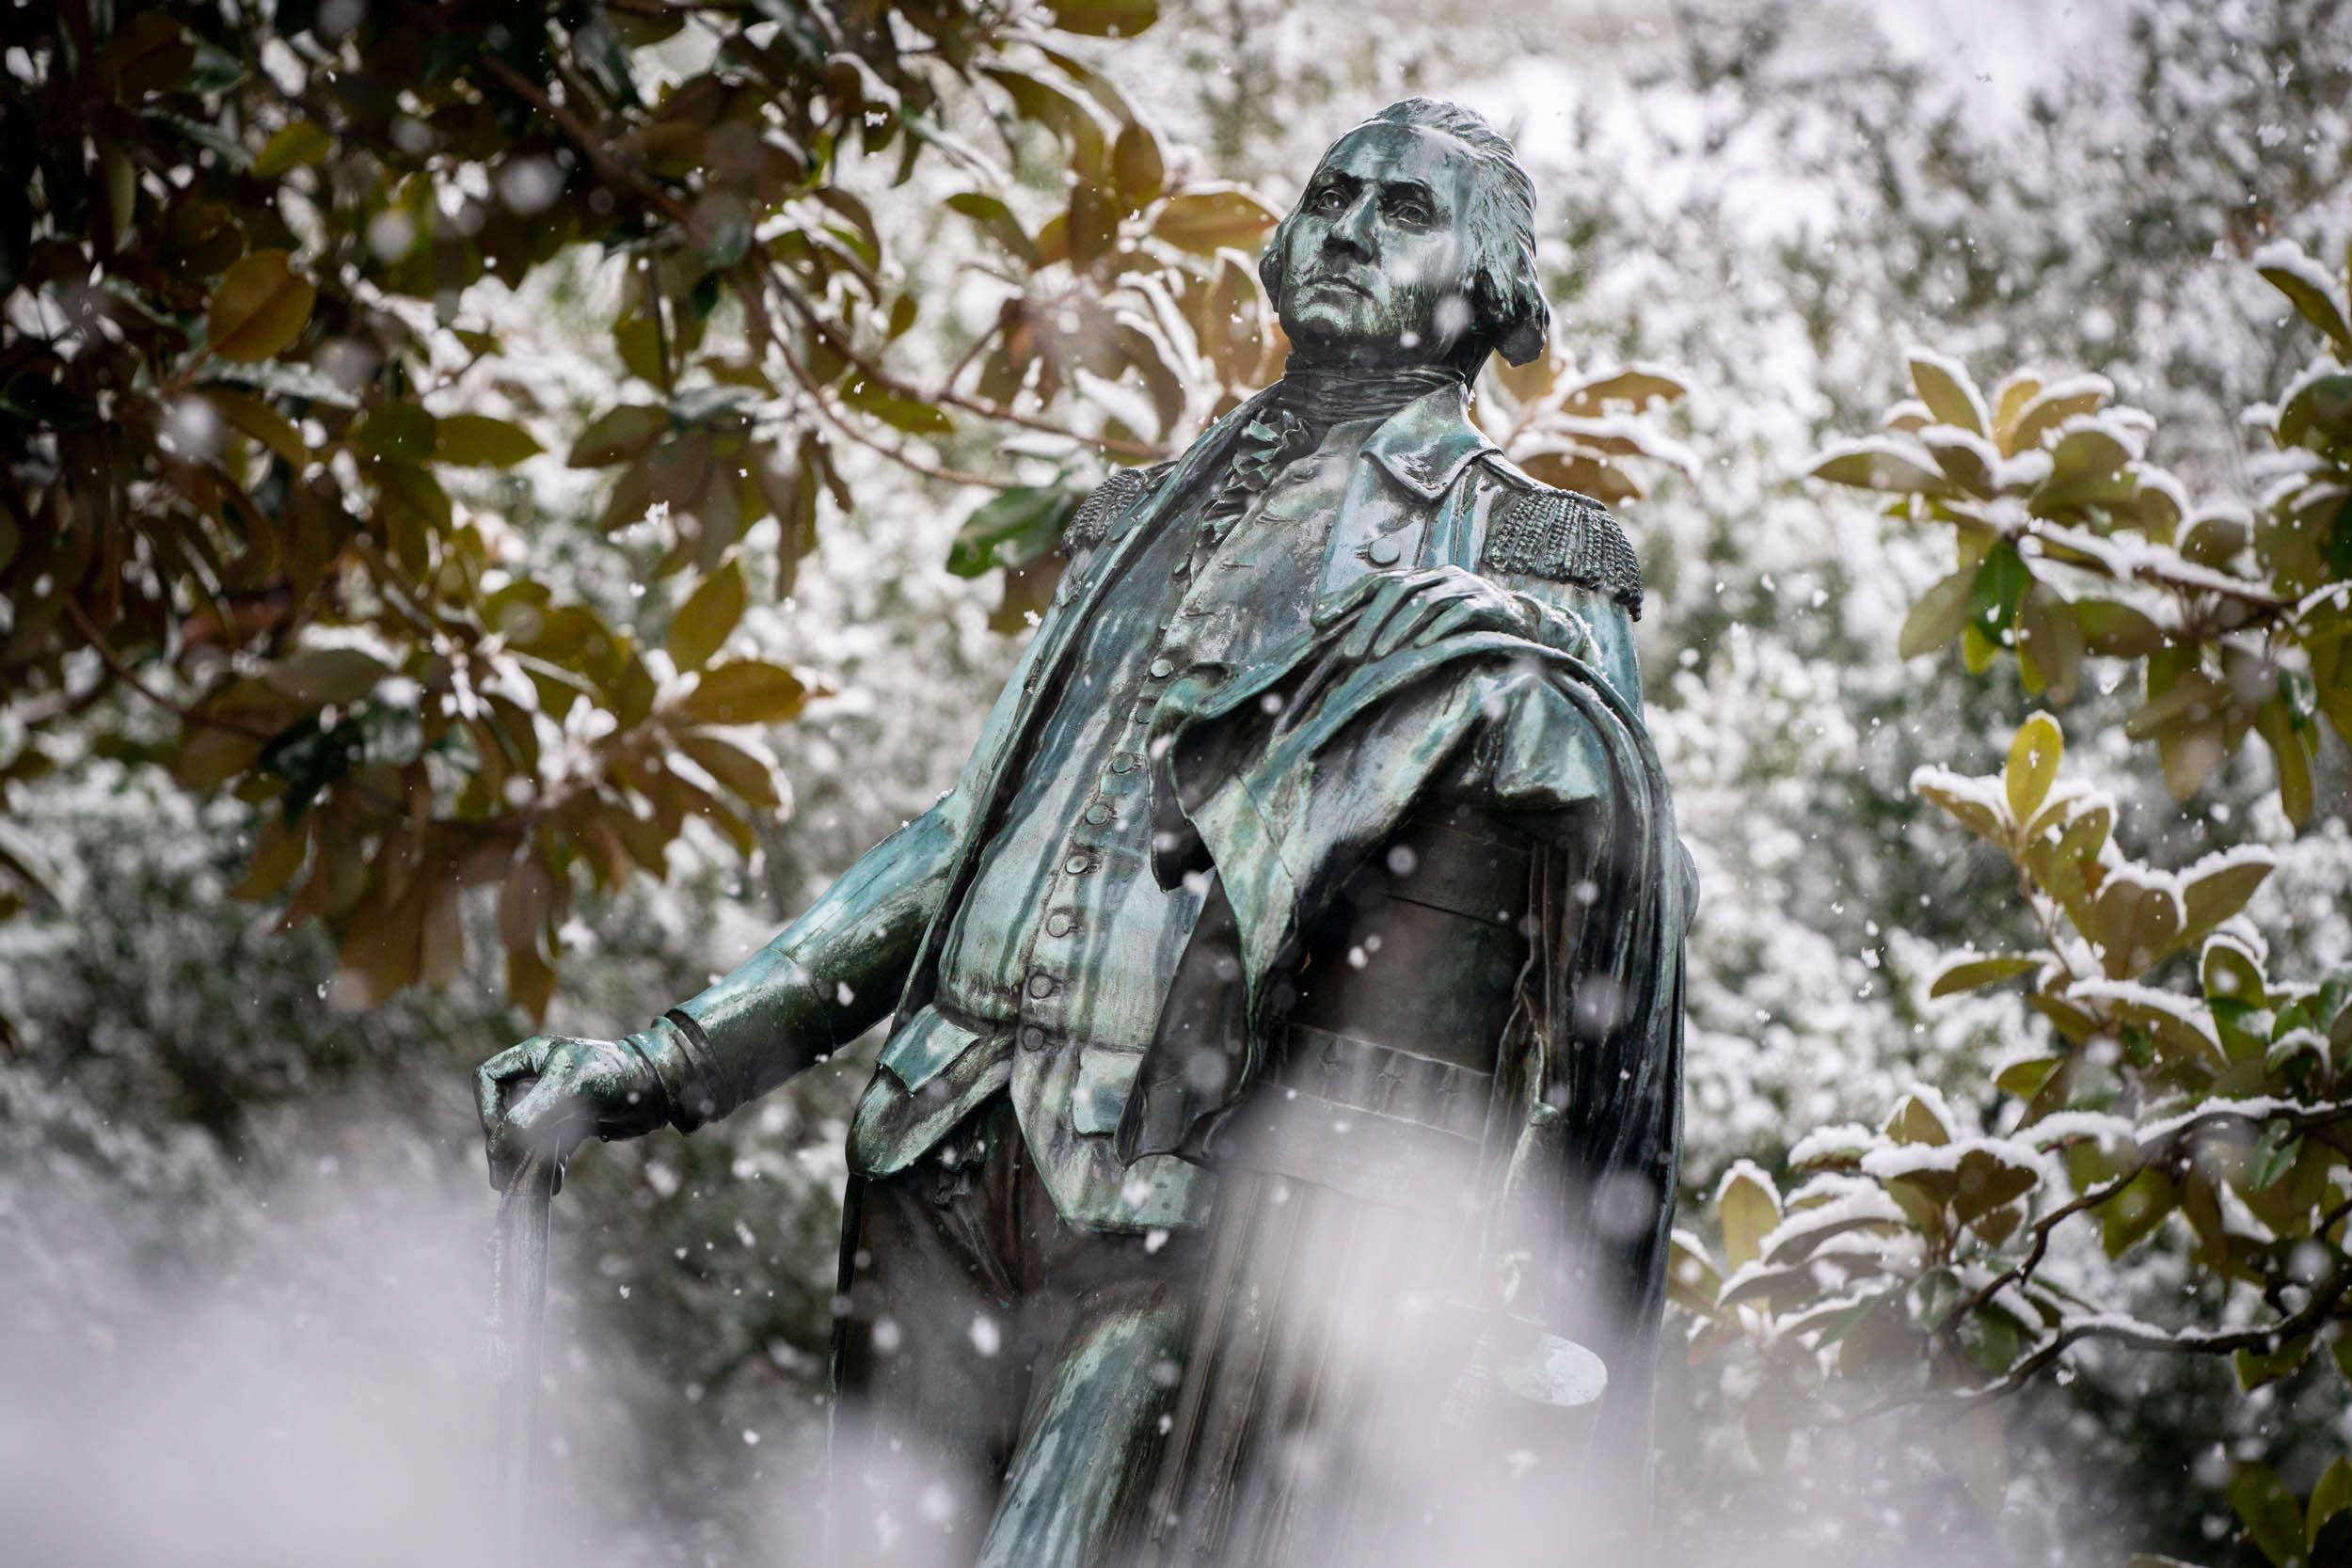 George Washington surveys the scene.